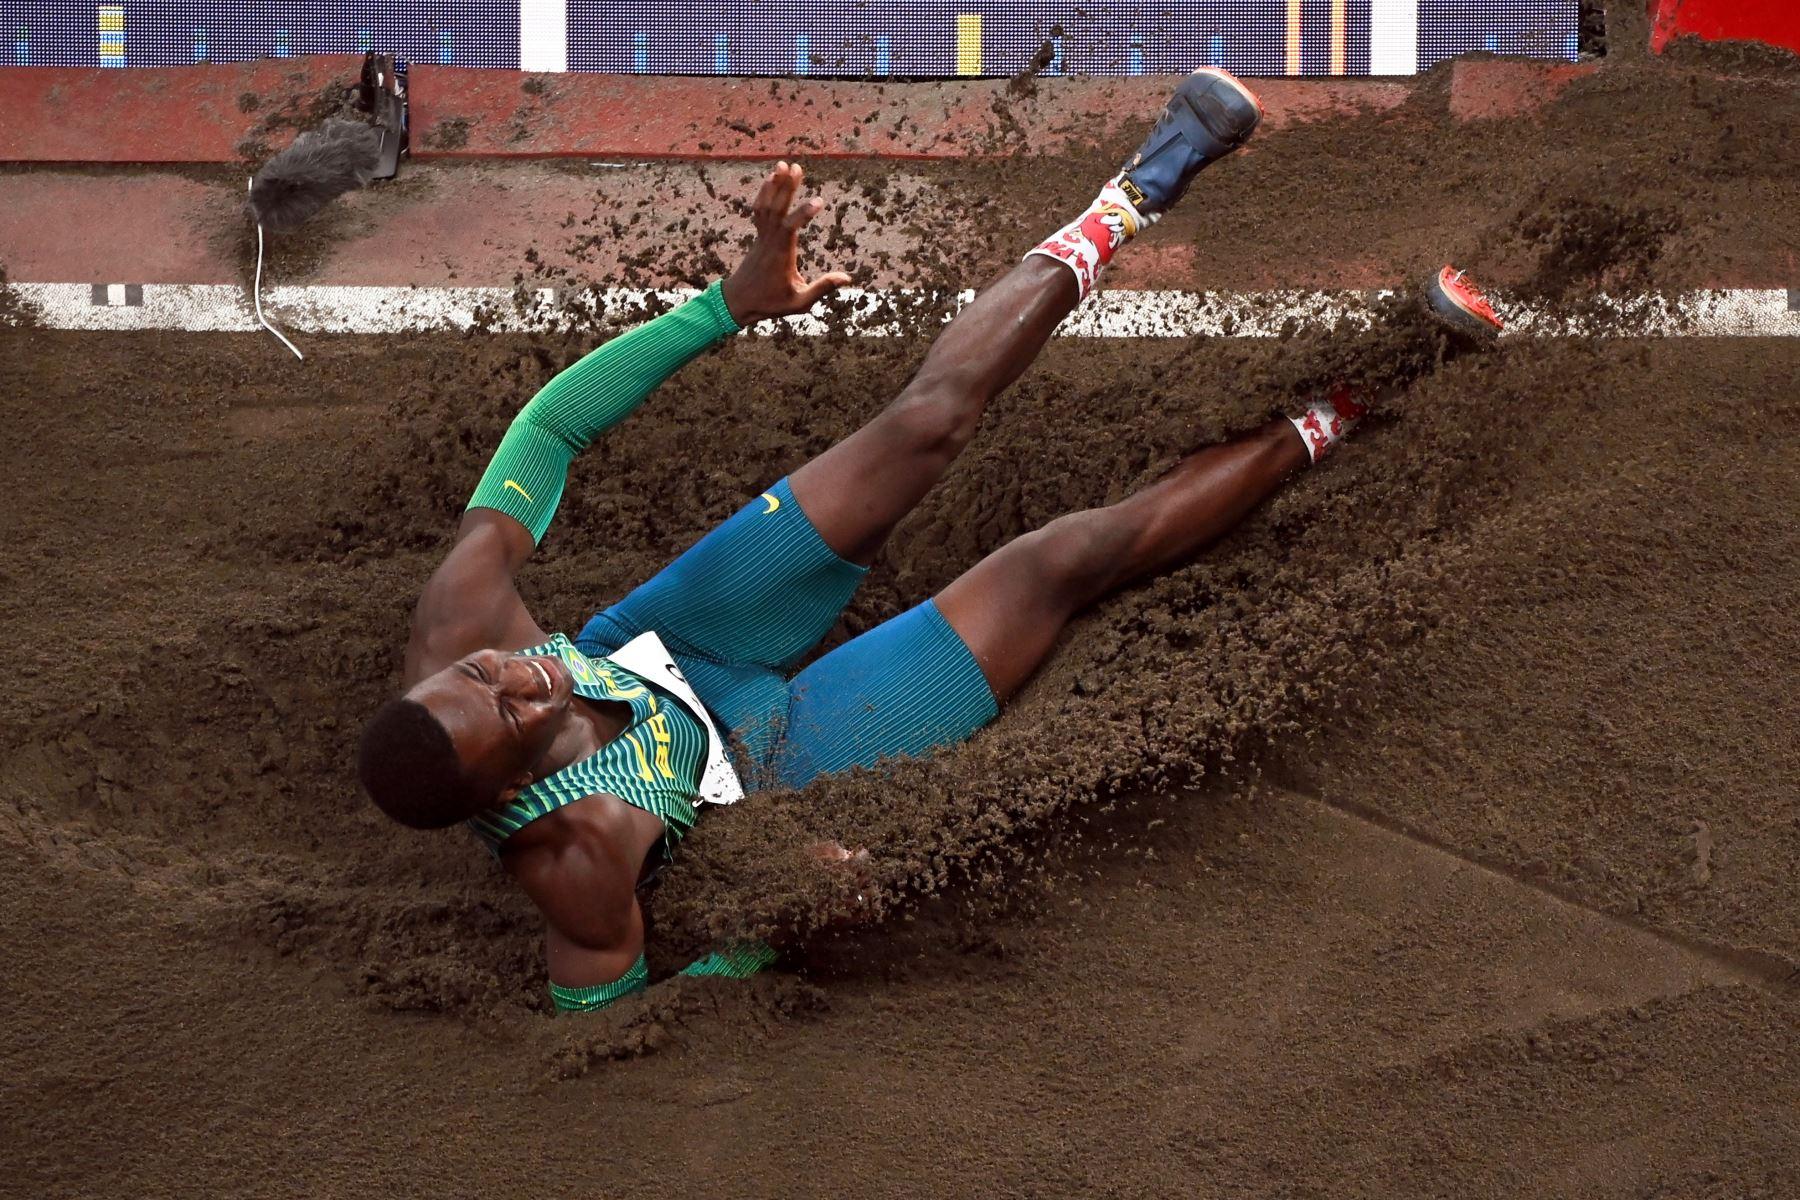 Alexsandro Melo de Brasil compite en el Grupo B de clasificación de Salto de Longitud masculino durante los eventos de Atletismo de los Juegos Olímpicos de Tokio 2020, en el Estadio Olímpico de Tokio. Foto: EFE